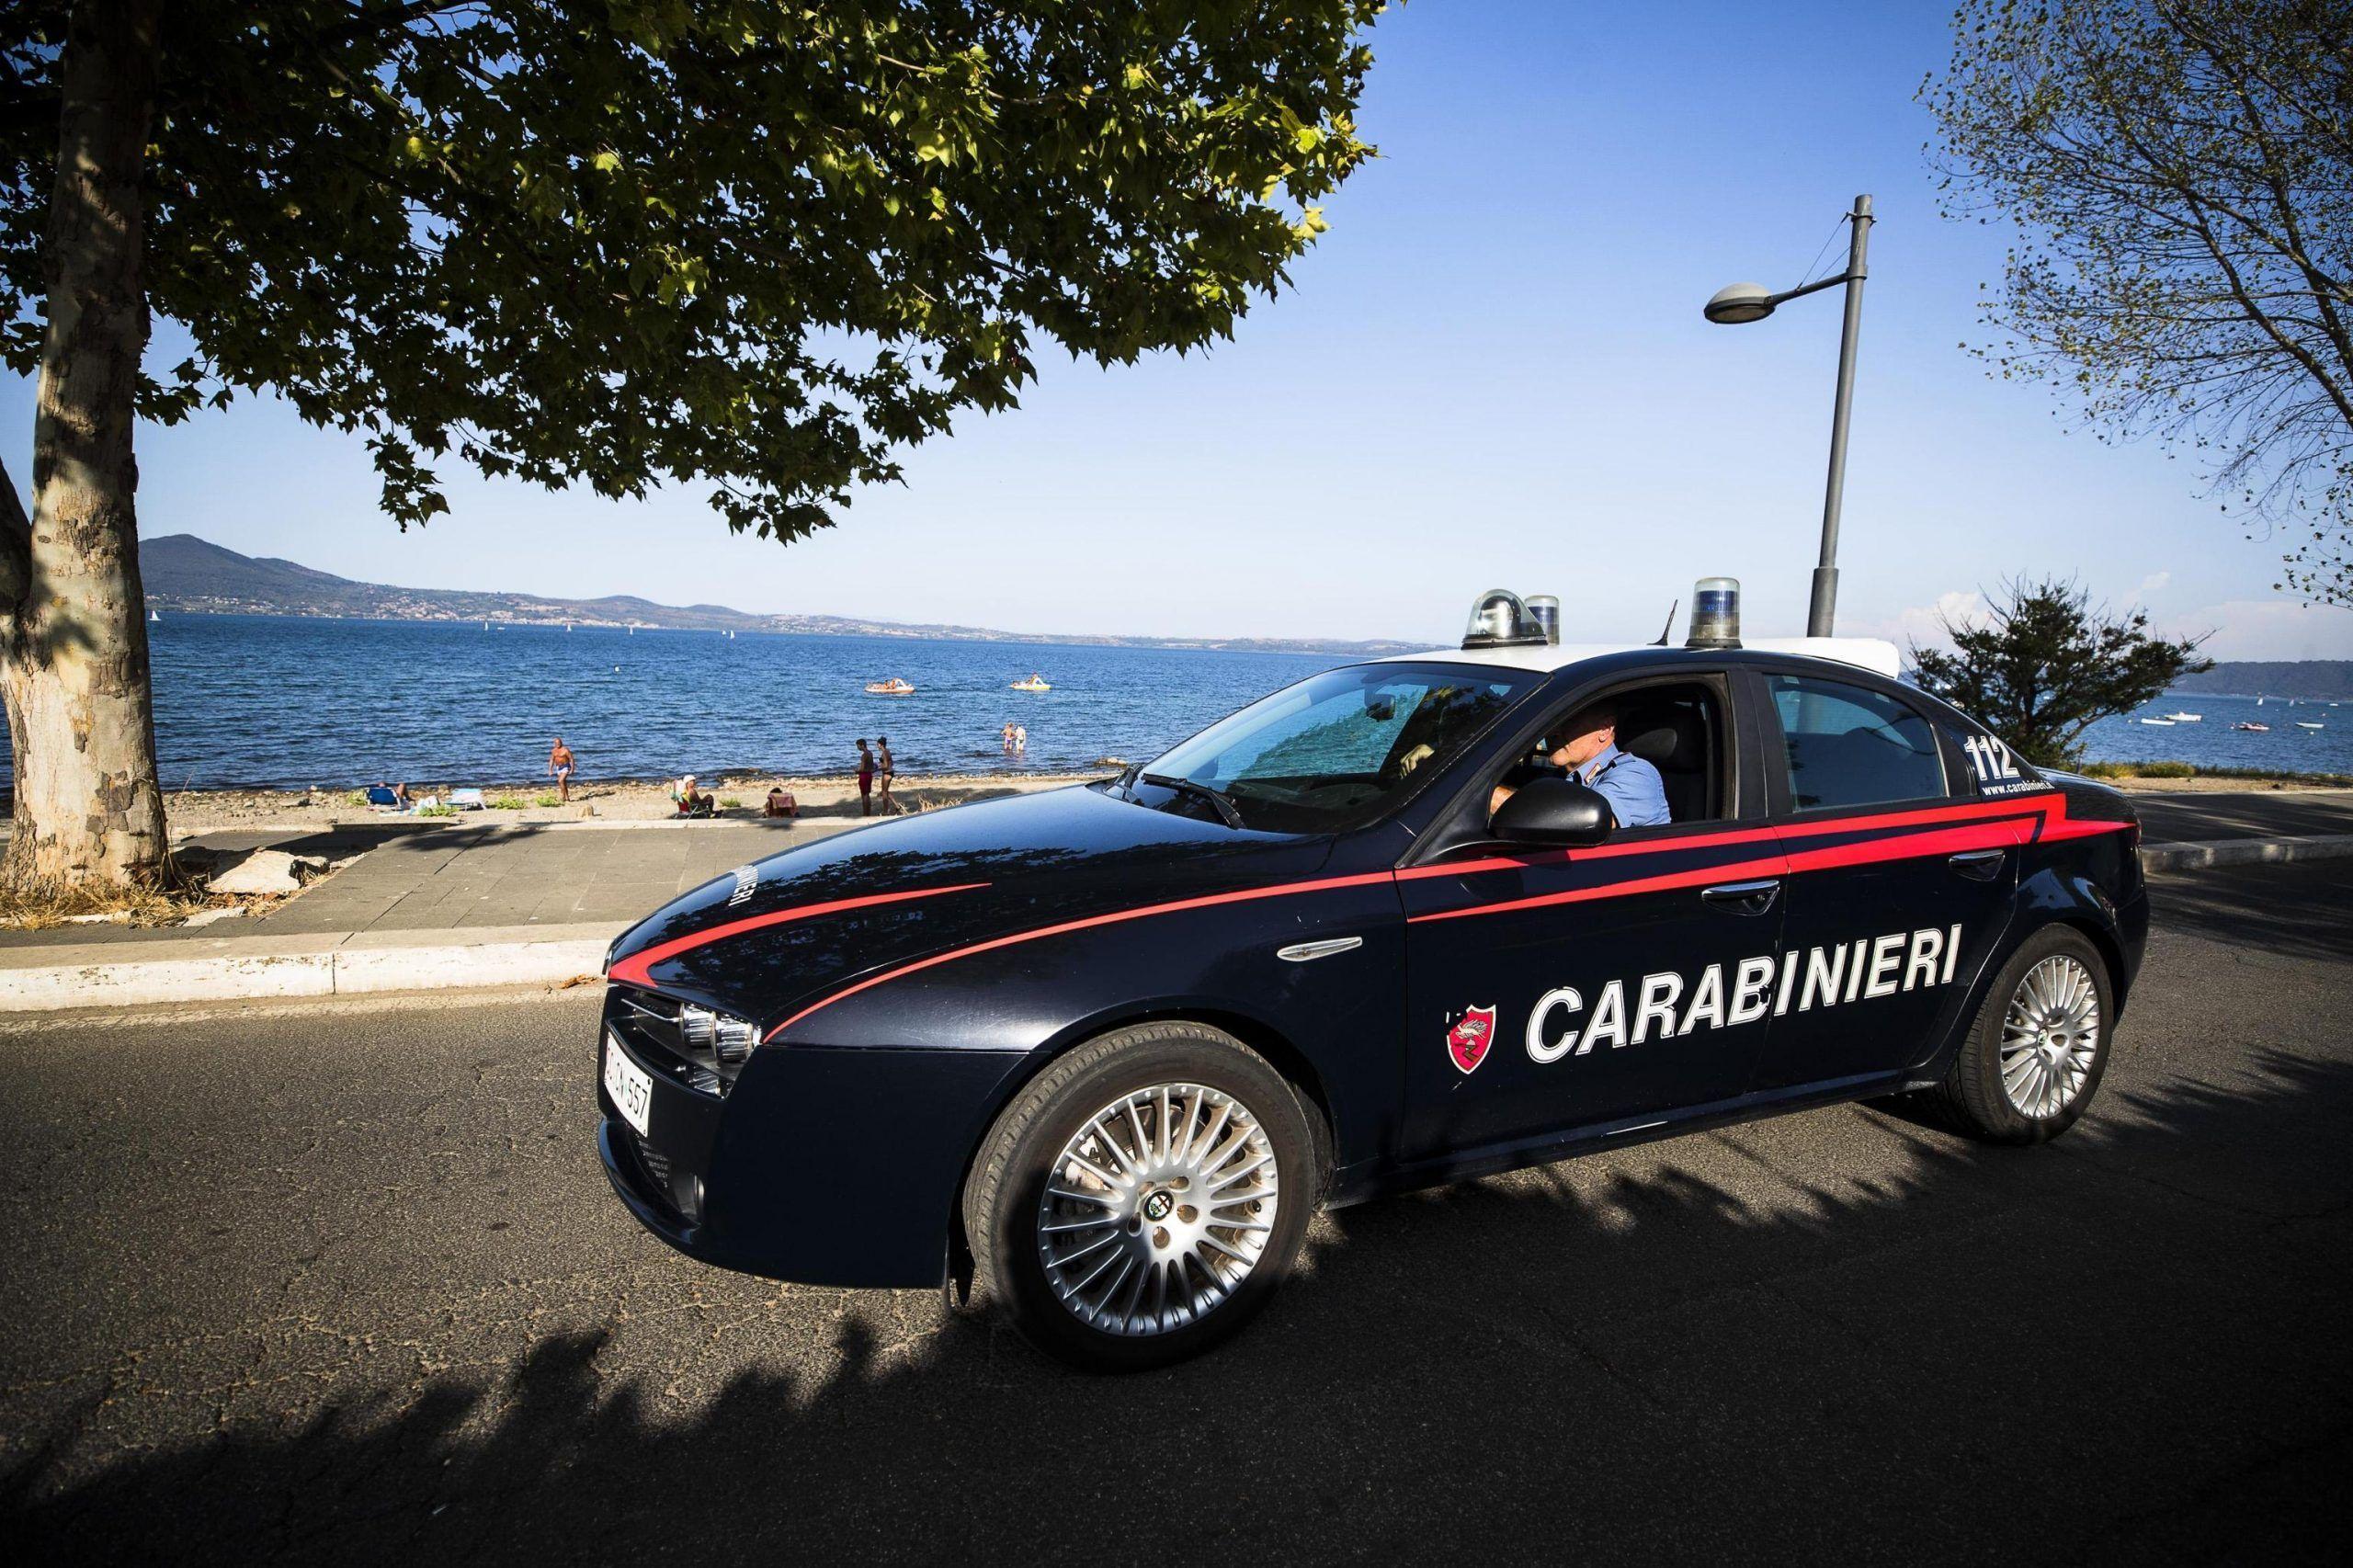 20 illegal pumps around Lake Bracciano seized